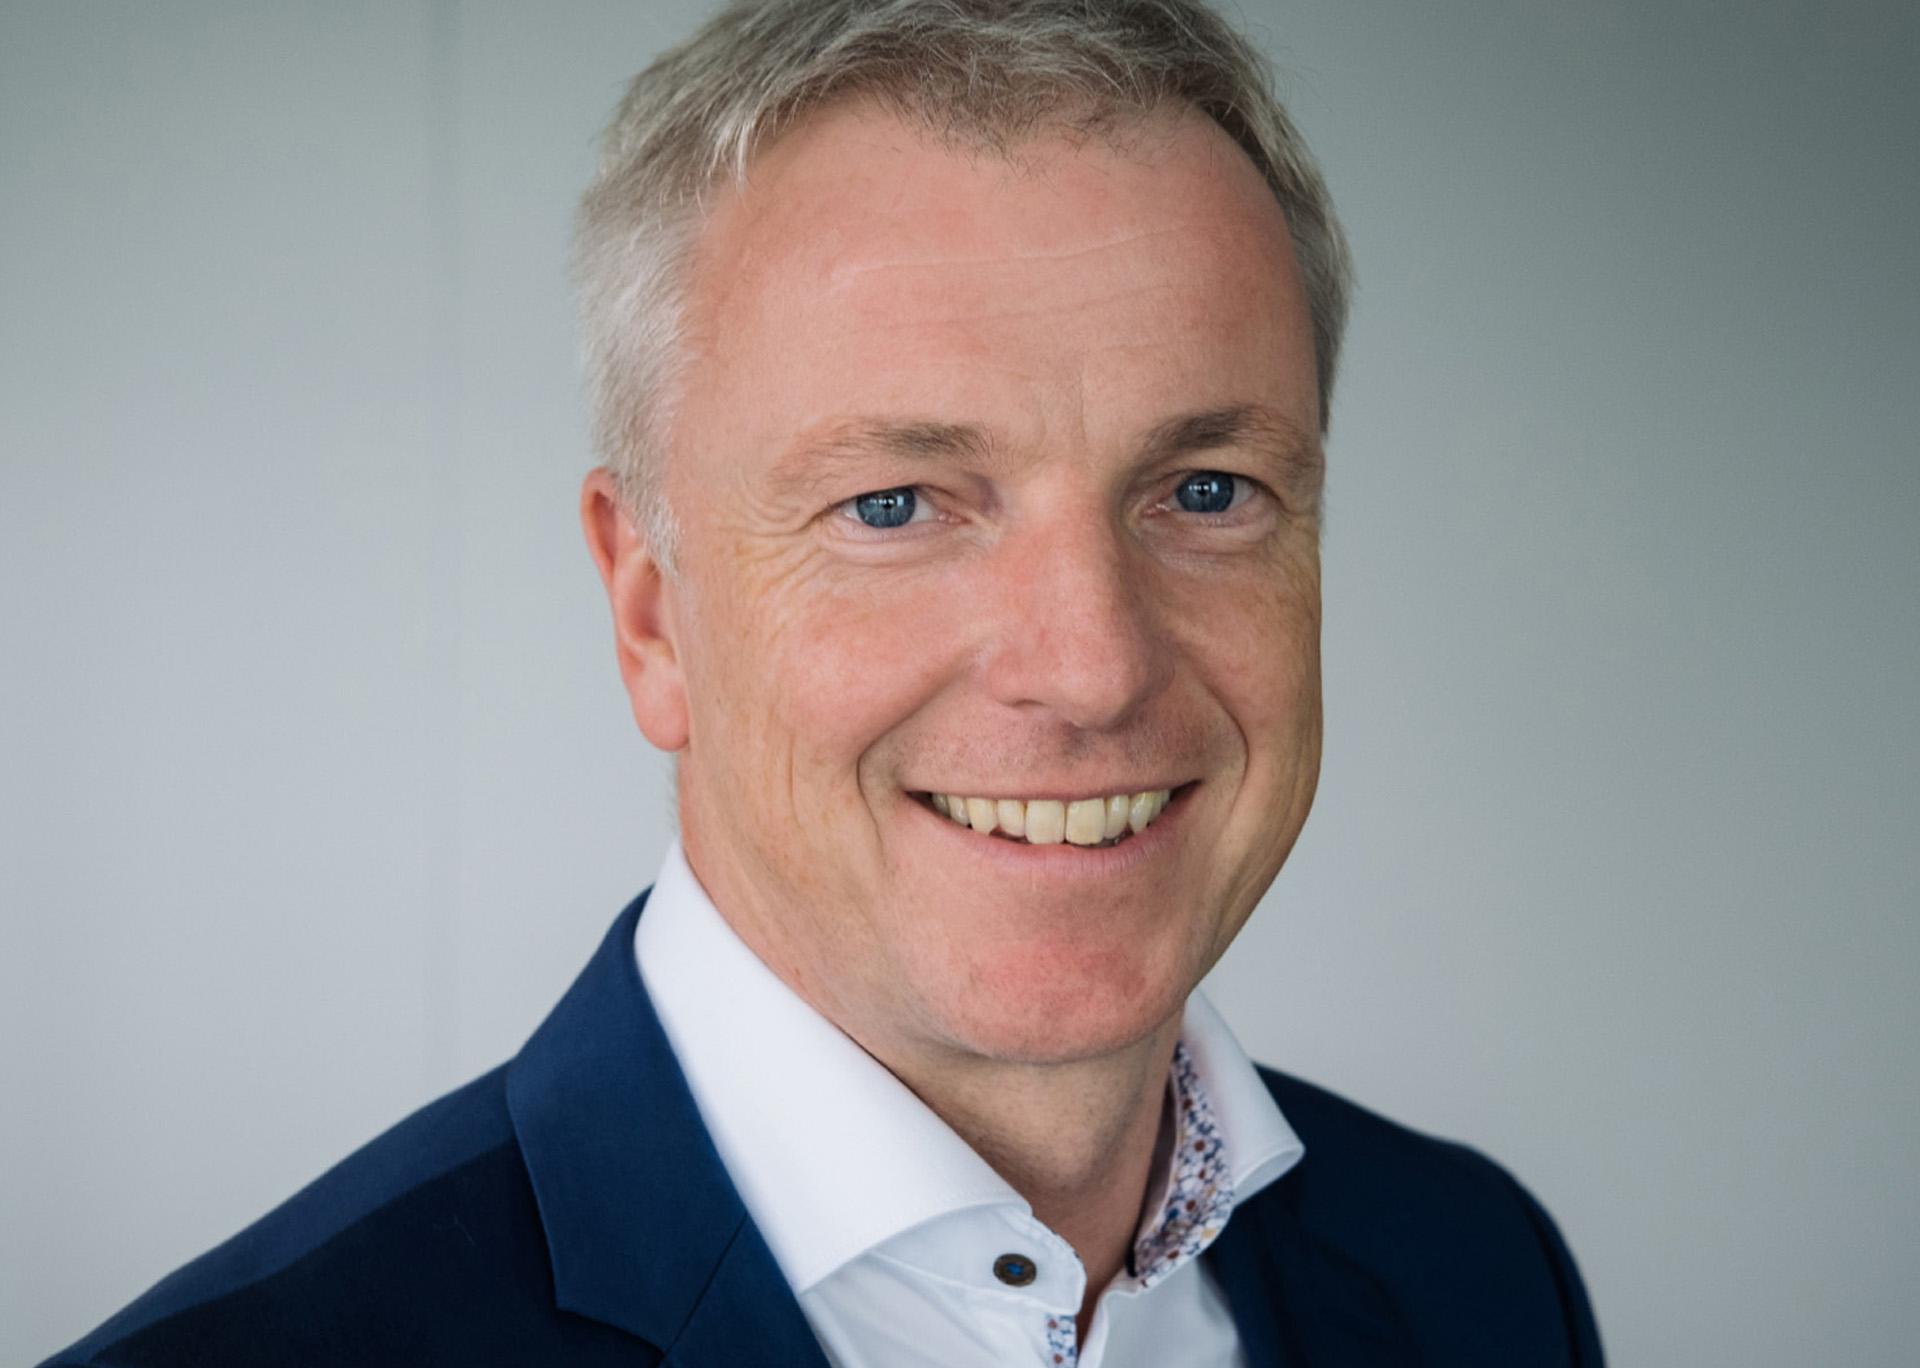 Markus Brümmer ist Geschäftsführer der GML sowie Leiter Vertieb